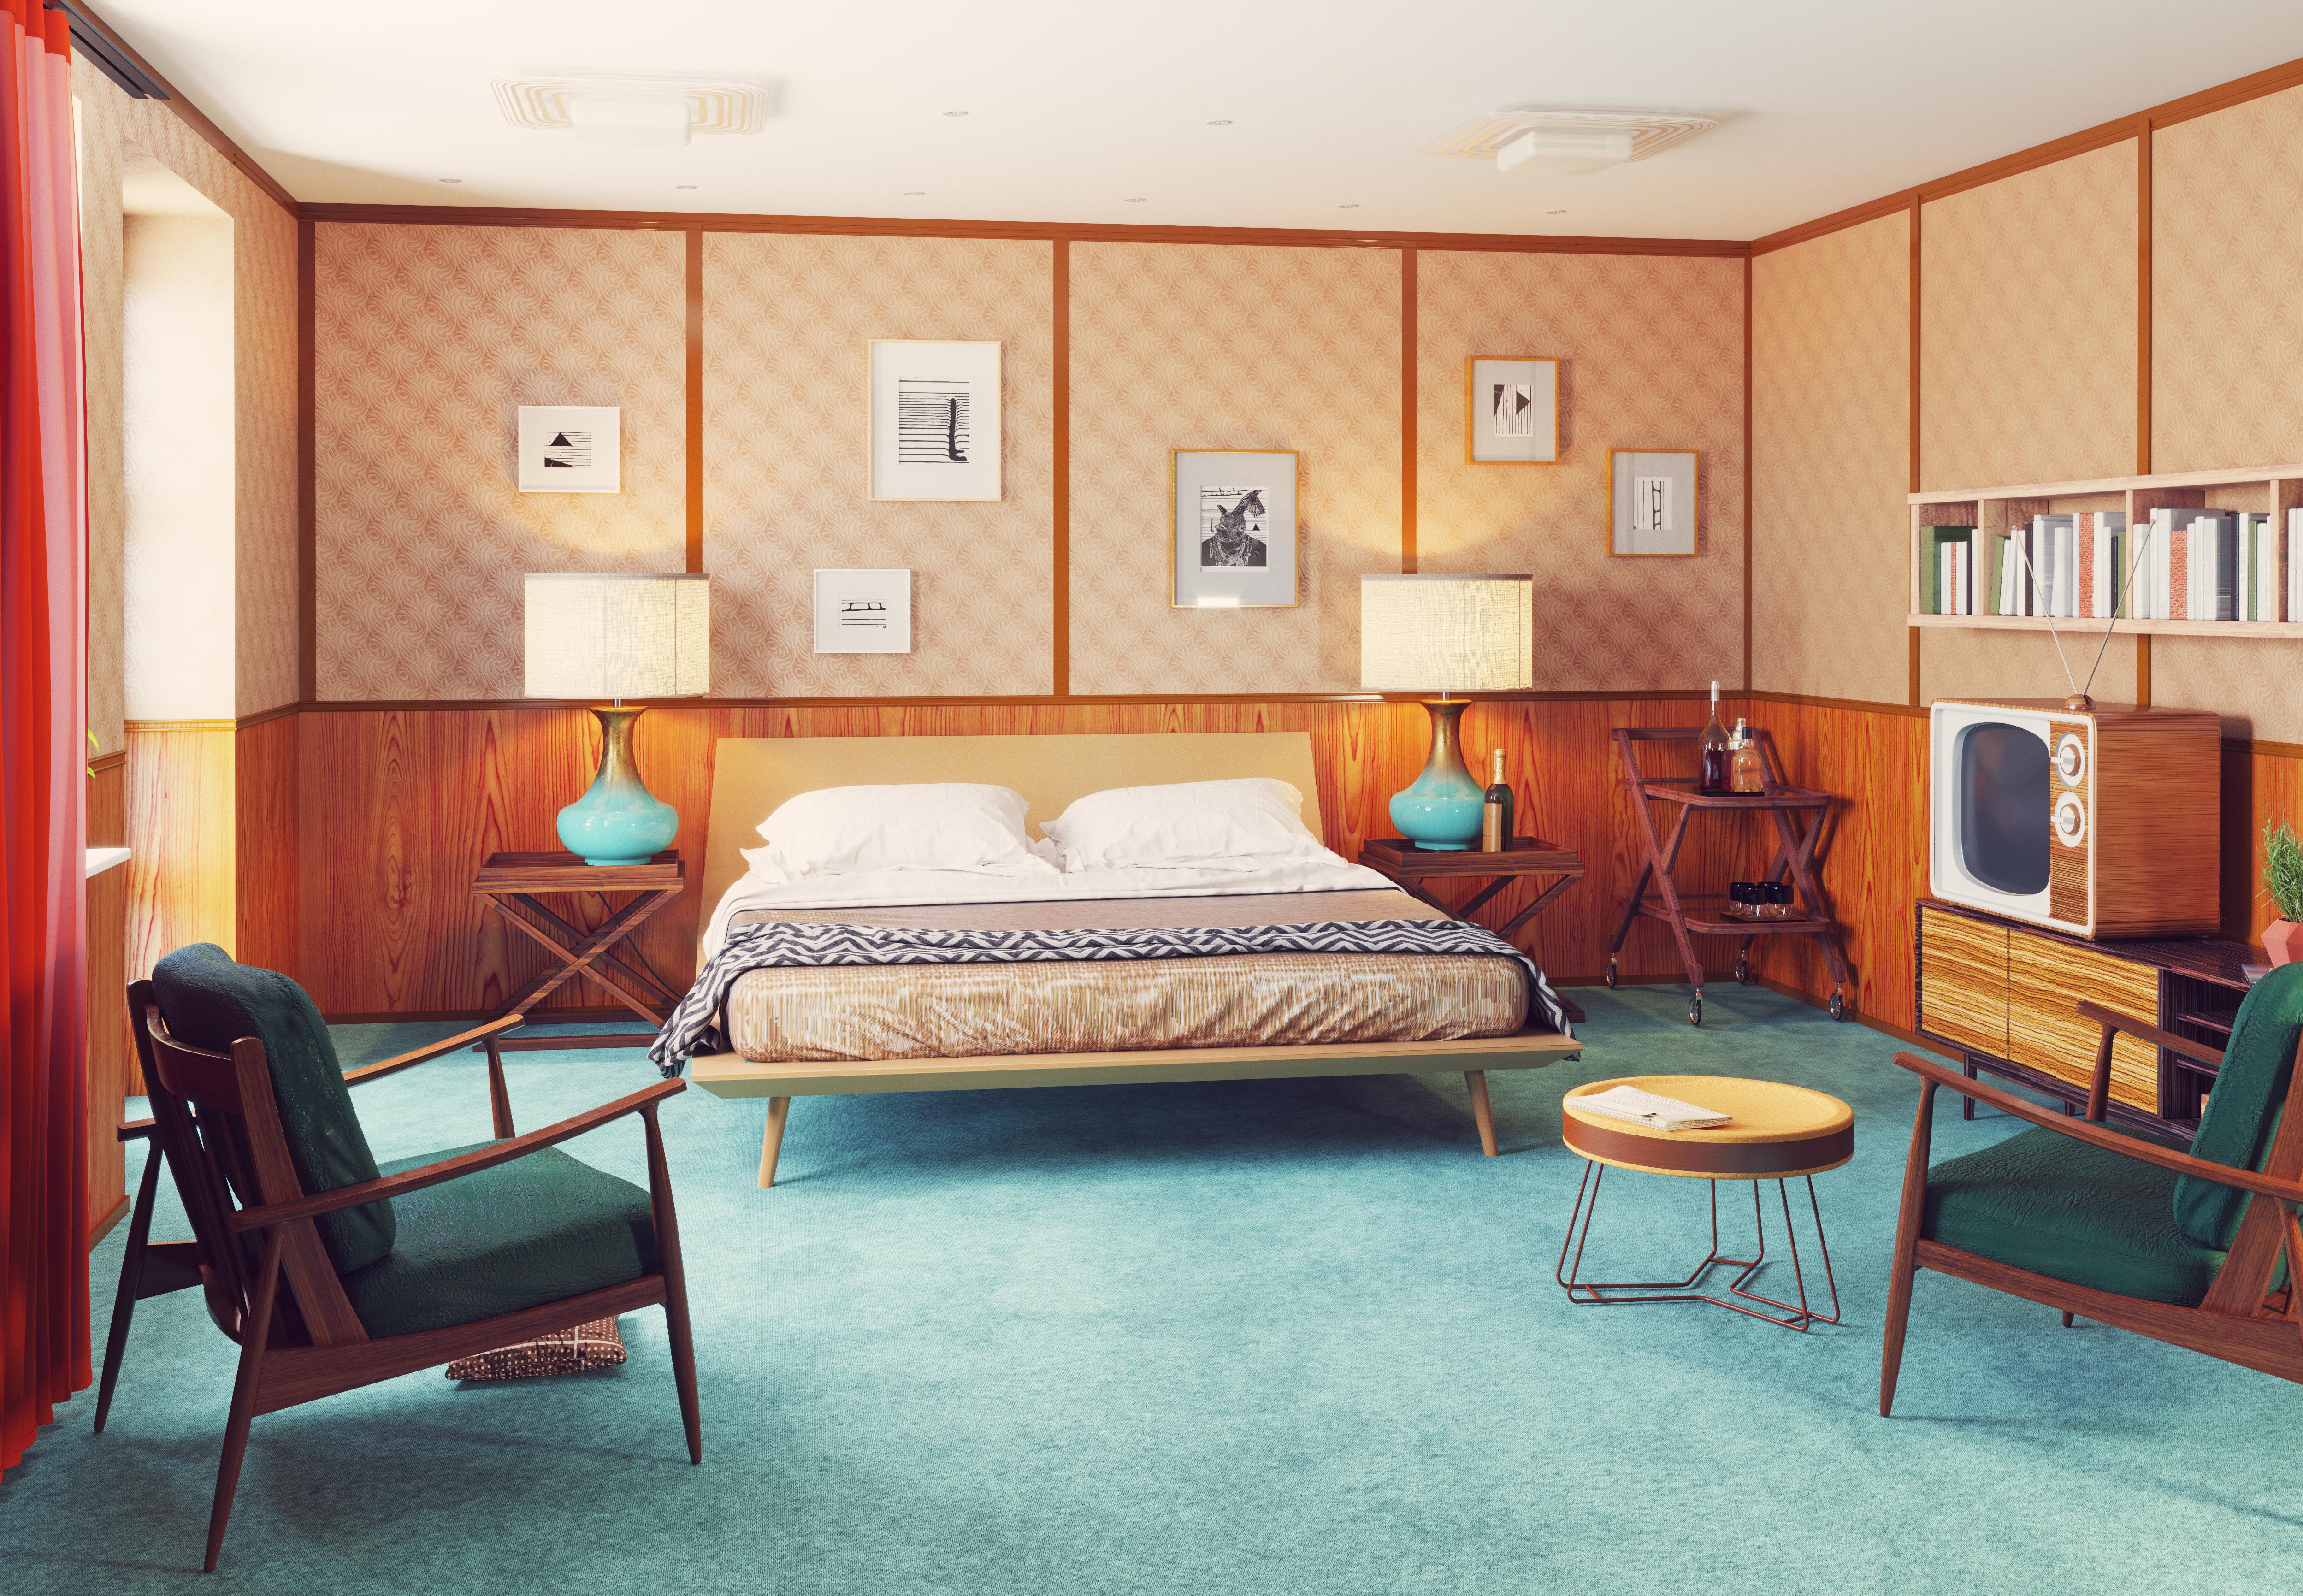 Best Orange Paint Colors for Your Home - Paintzen